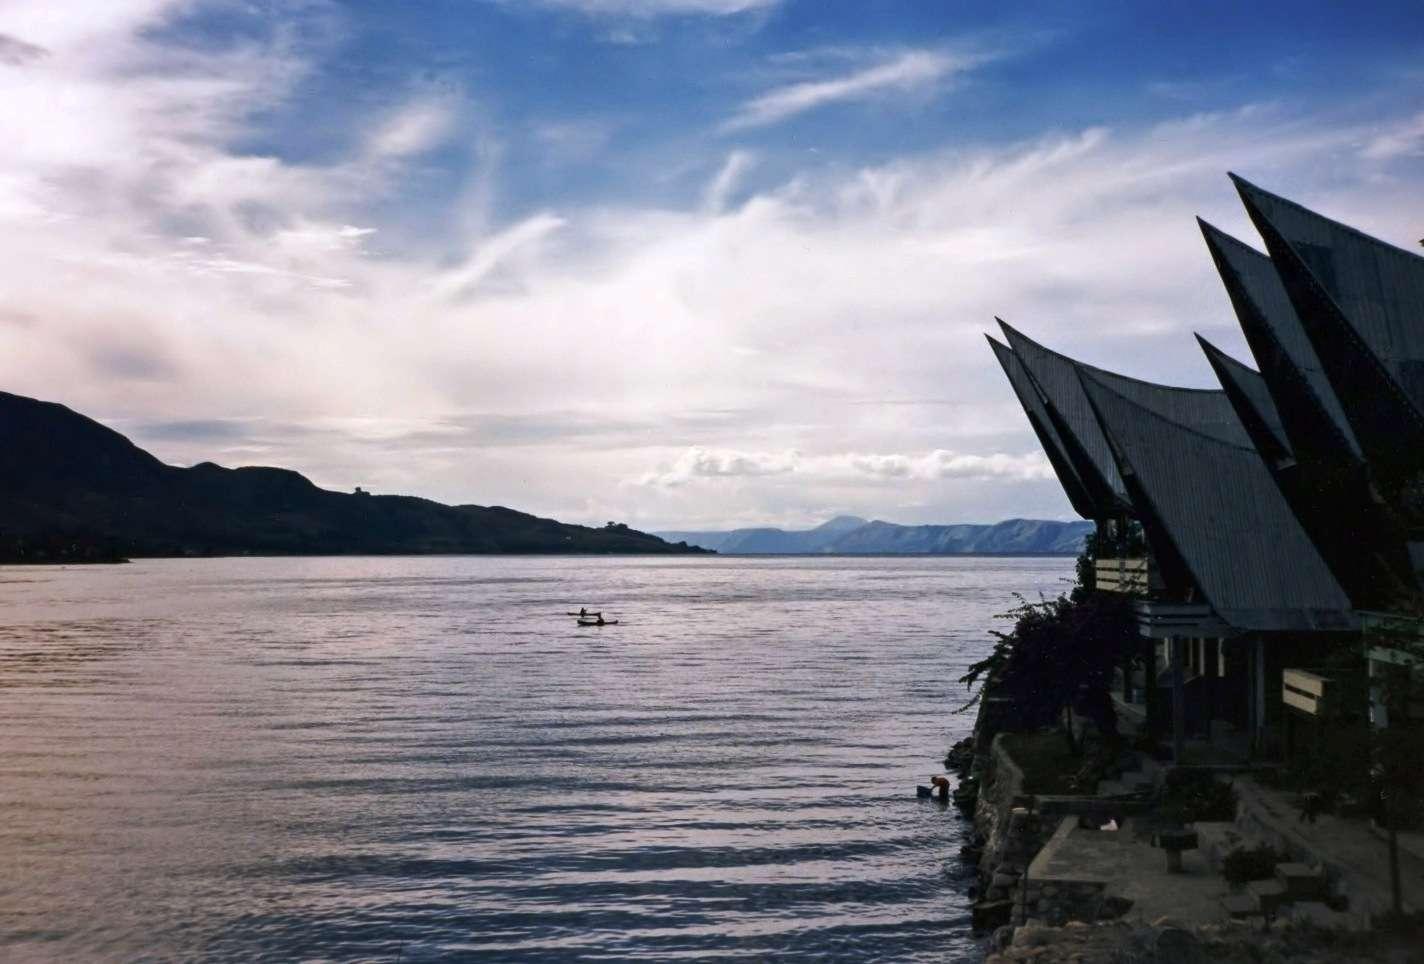 Le lac Toba et l'île de Samosir (Sumatra, Indonésie) forment une caldeira laissée par l'éruption volcanique d'un supervolcan. © Bernard Gagnon, Wikimedia Commons, CC by 3.0